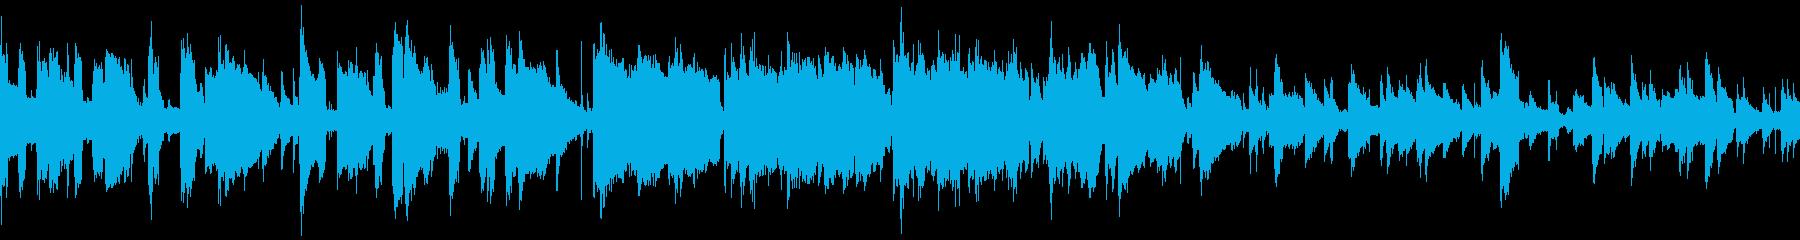 ゆったりと優しいジャズ風の日常系BGMの再生済みの波形